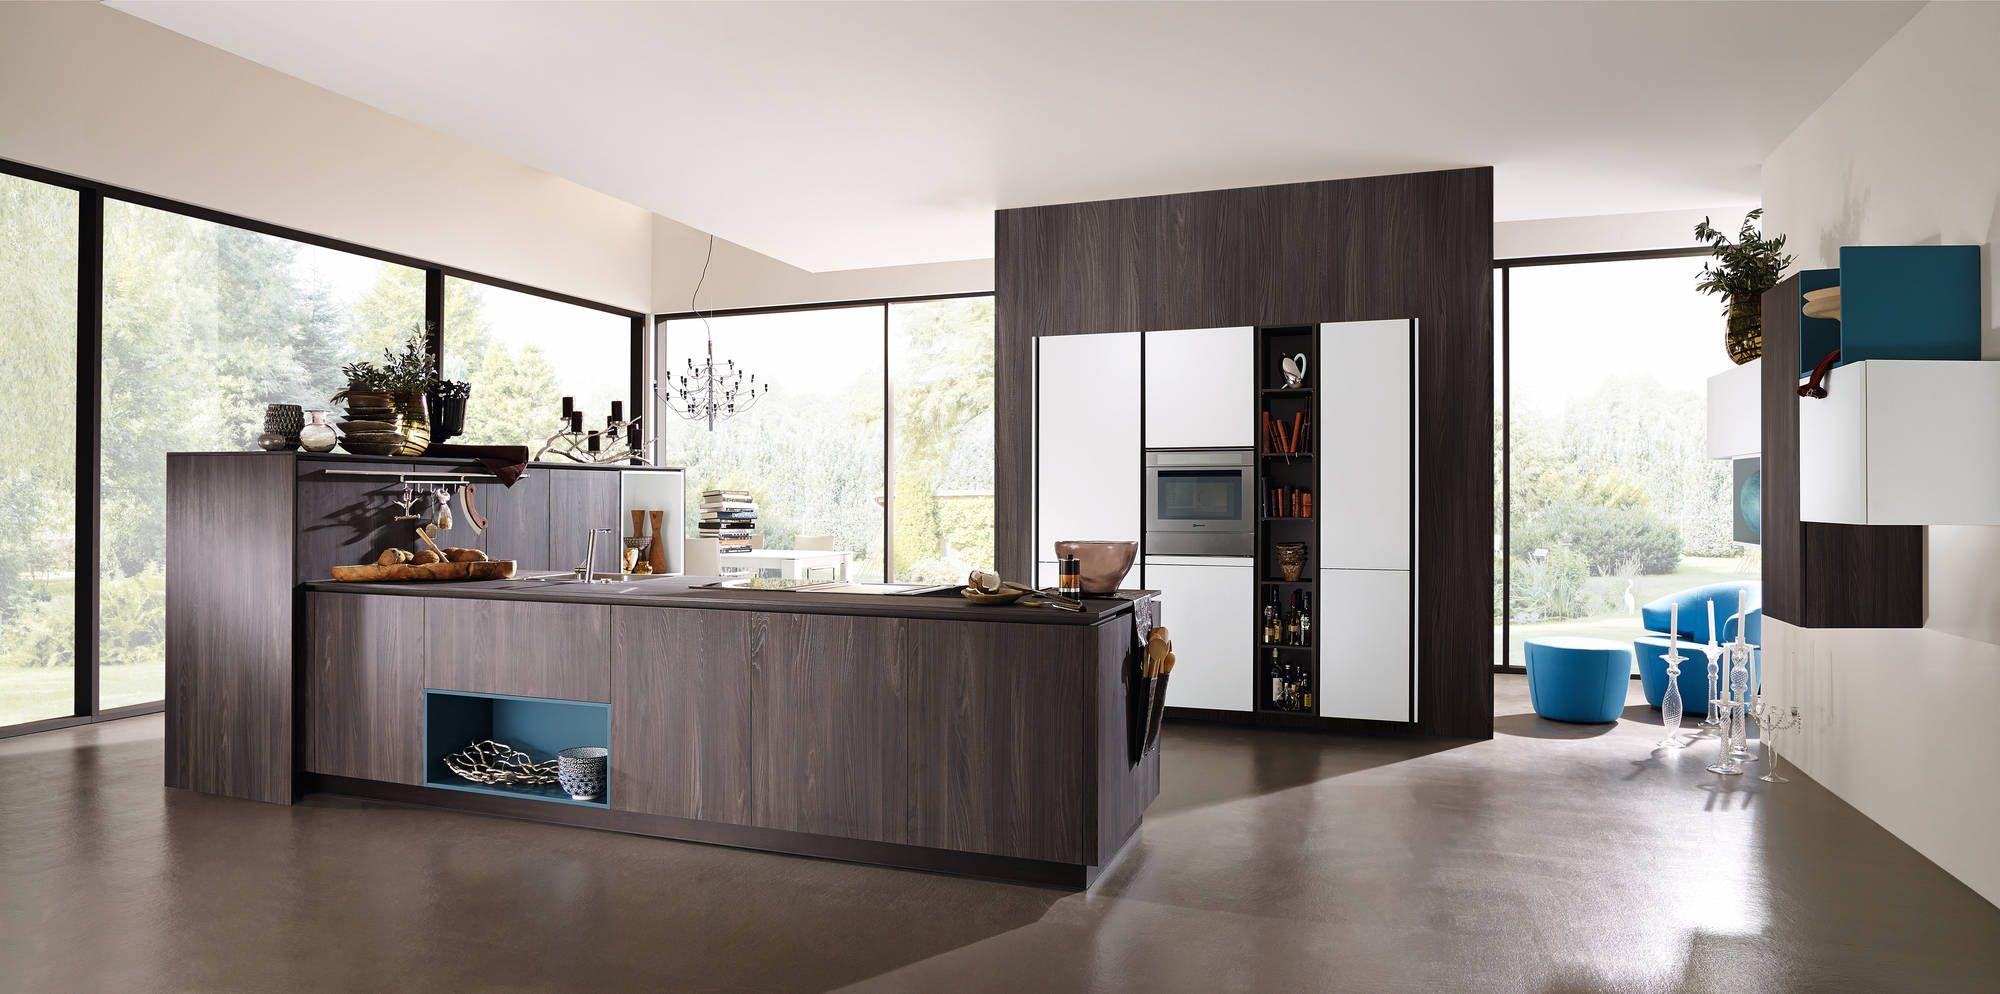 Full Size of Alno Küchen Modern Kitchen Kchen Küche Regal Wohnzimmer Alno Küchen